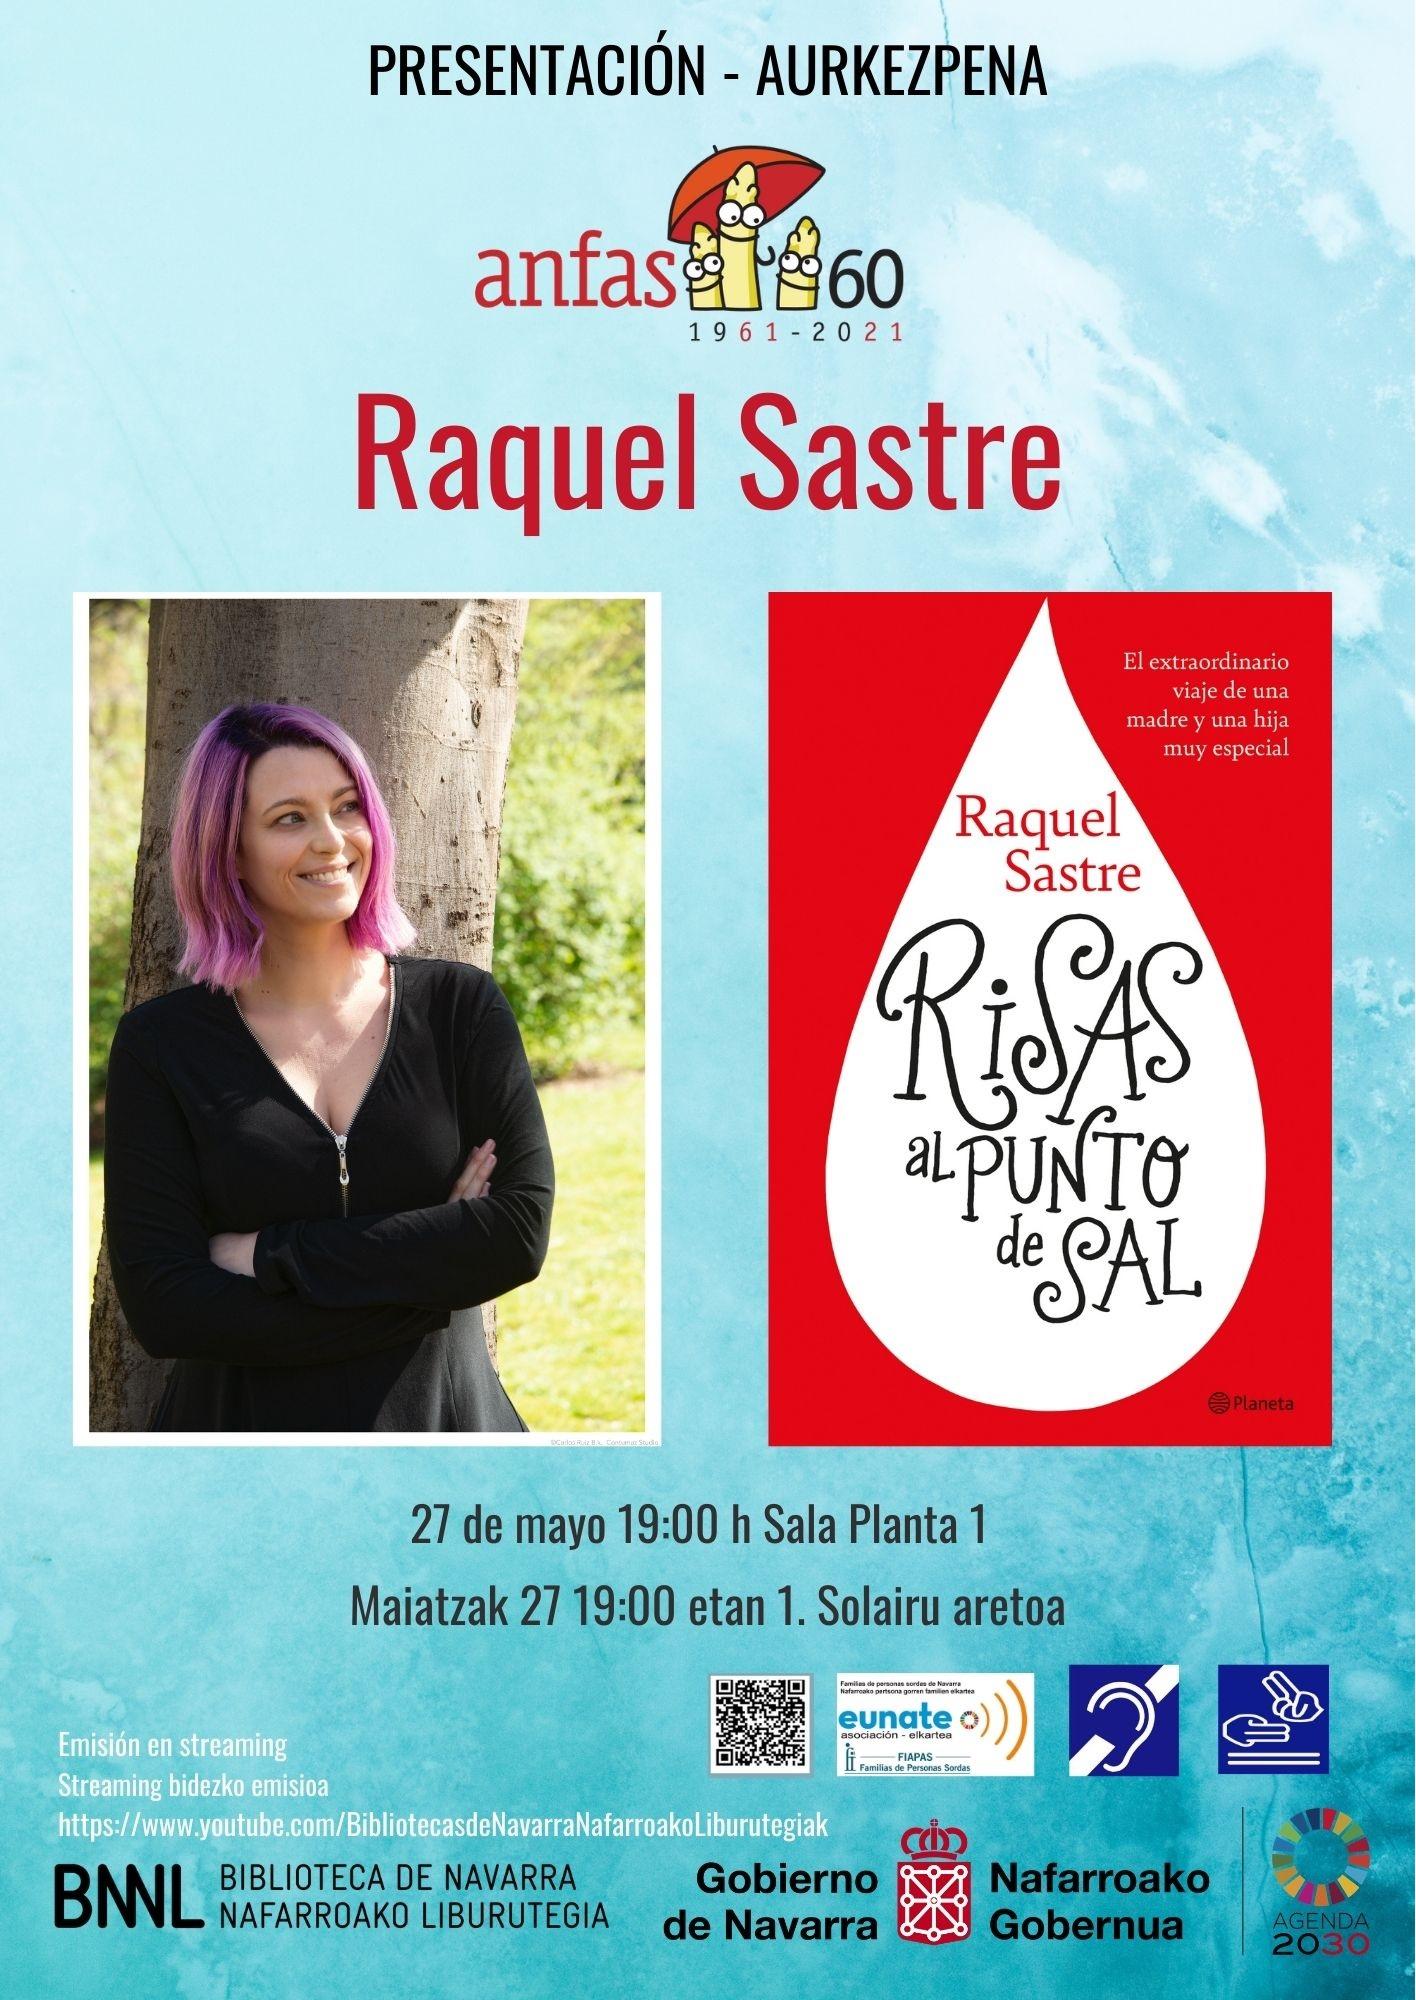 Imagen del cartel de la presentación del libro